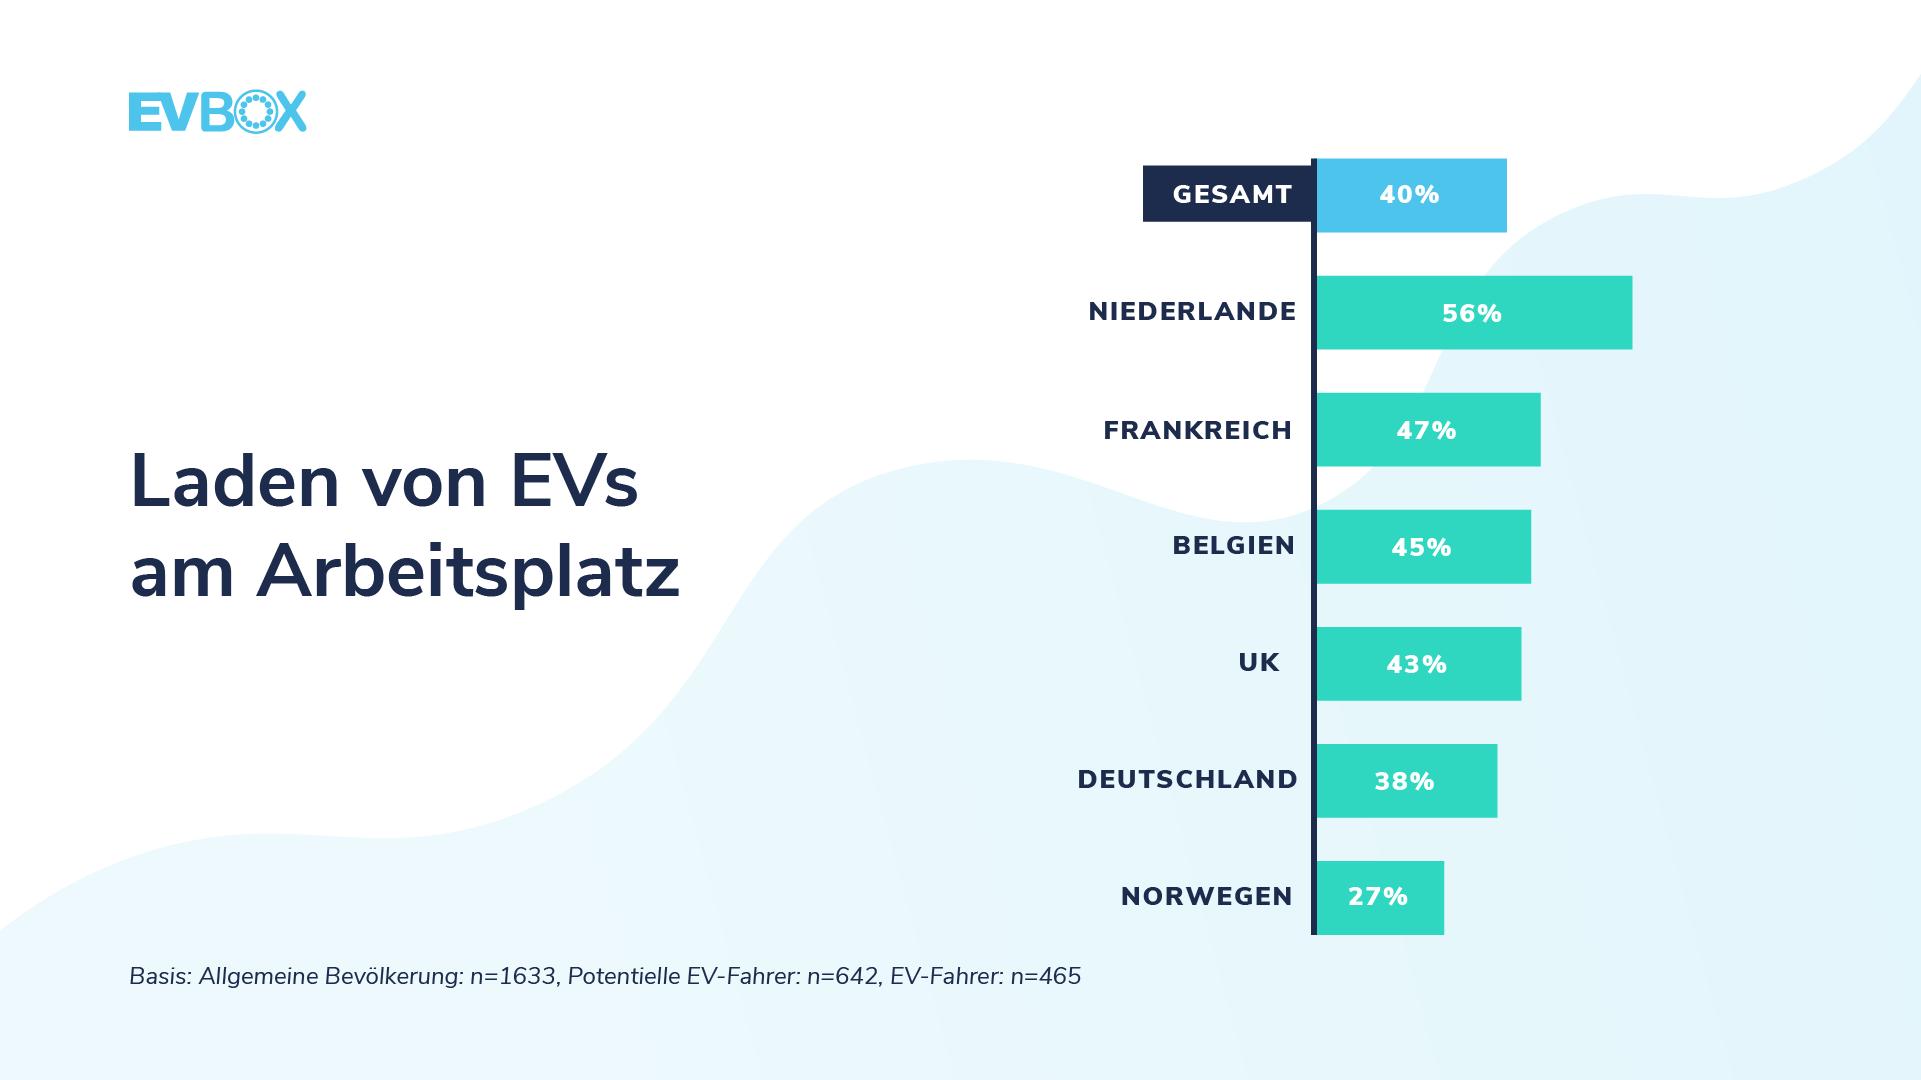 ©EVBox Mobility Monitor - Laden von EVs am Arbeitsplatz